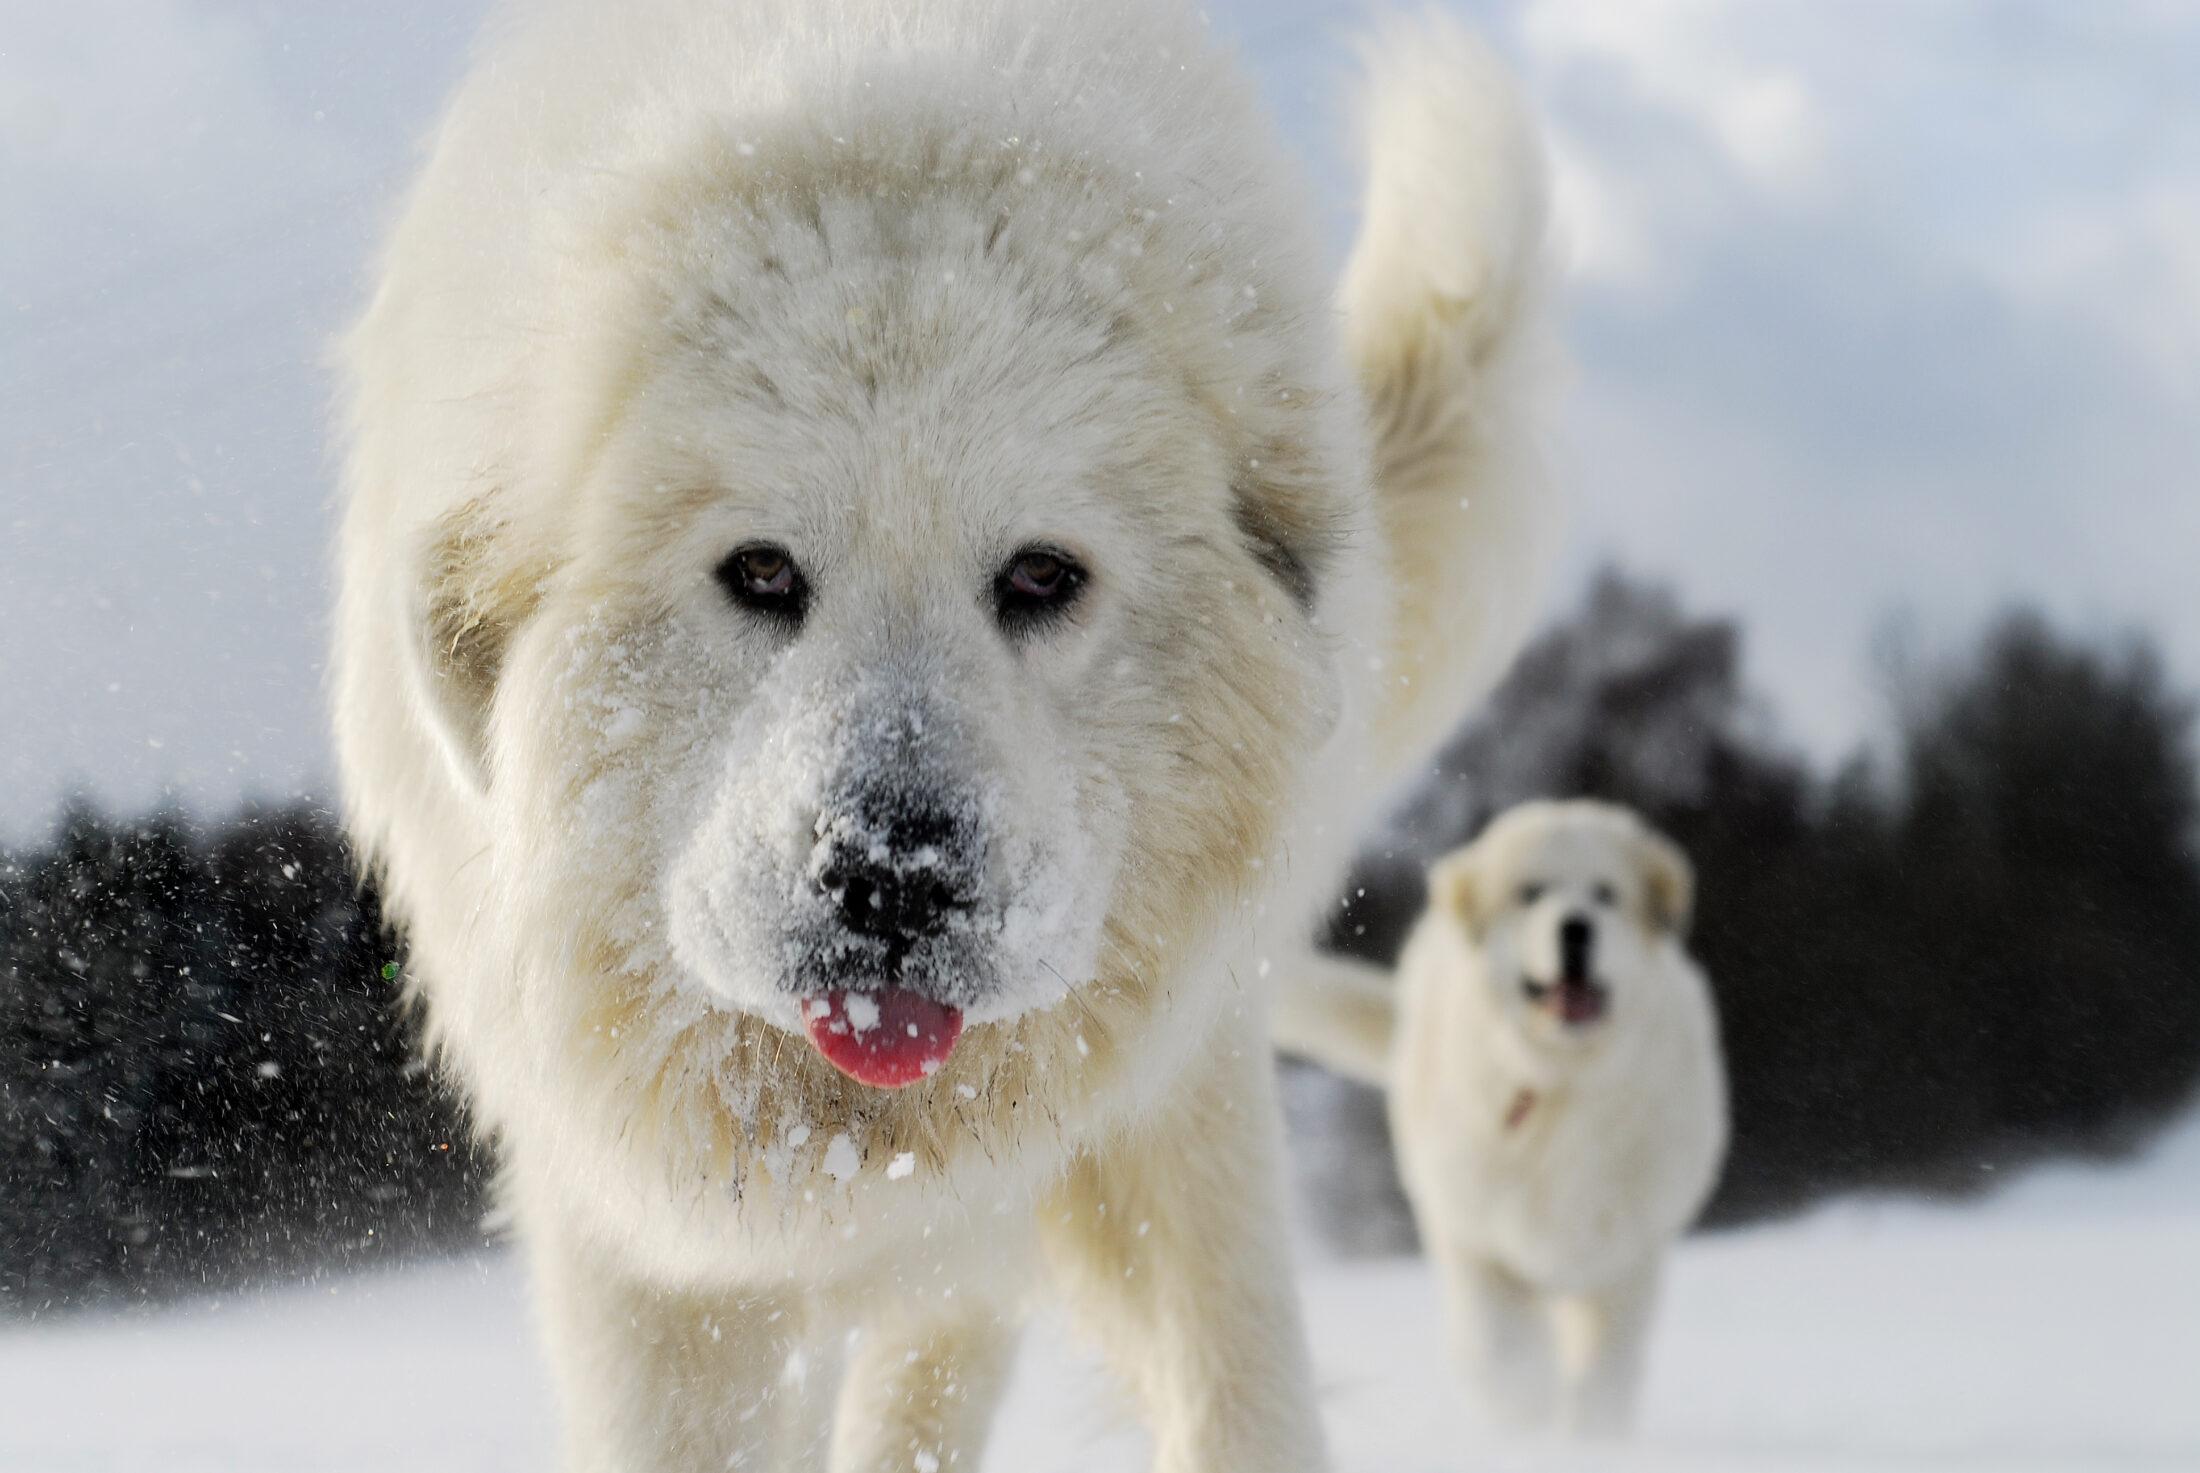 raca de cachorro grande - cao de montanha dos pirineus